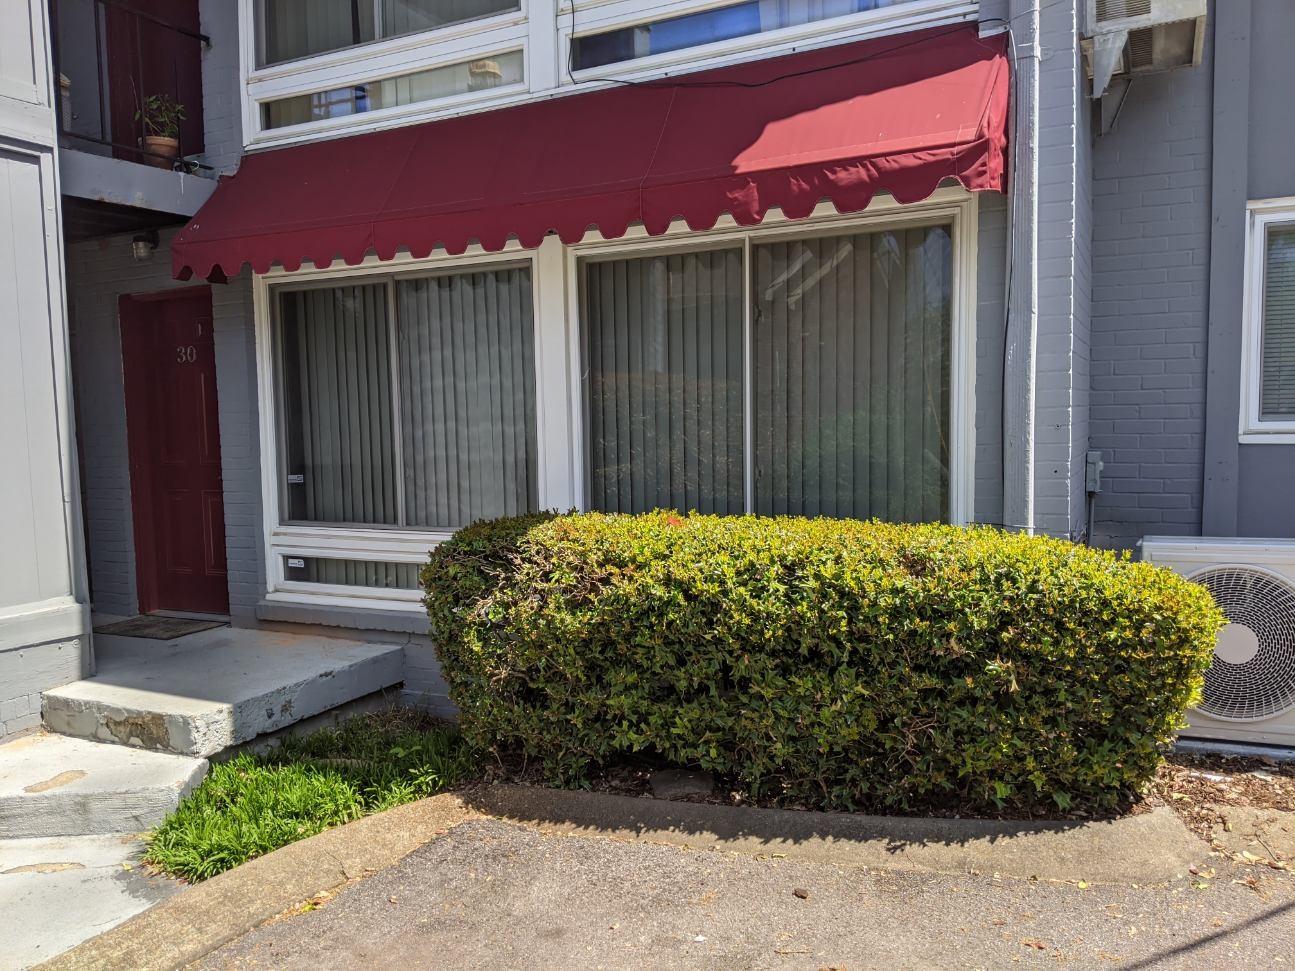 201 Acklen Park Dr. #30 Property Photo - Nashville, TN real estate listing